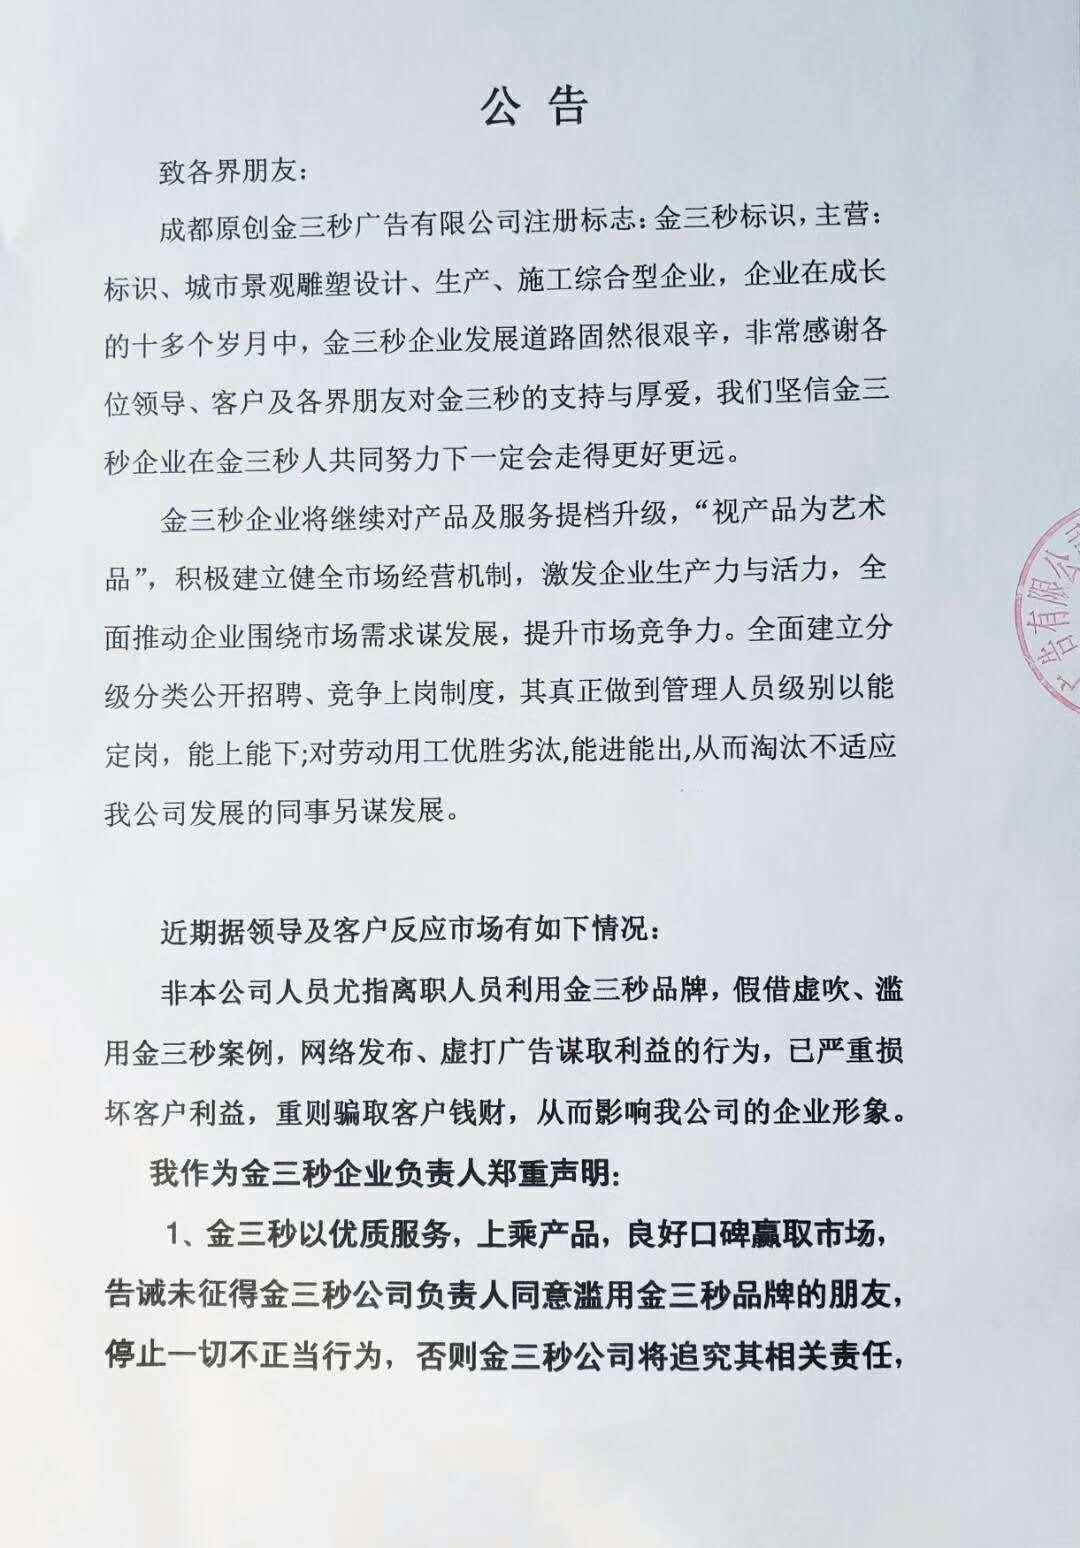 成都鲨鱼电竞官网广告有限公司告示